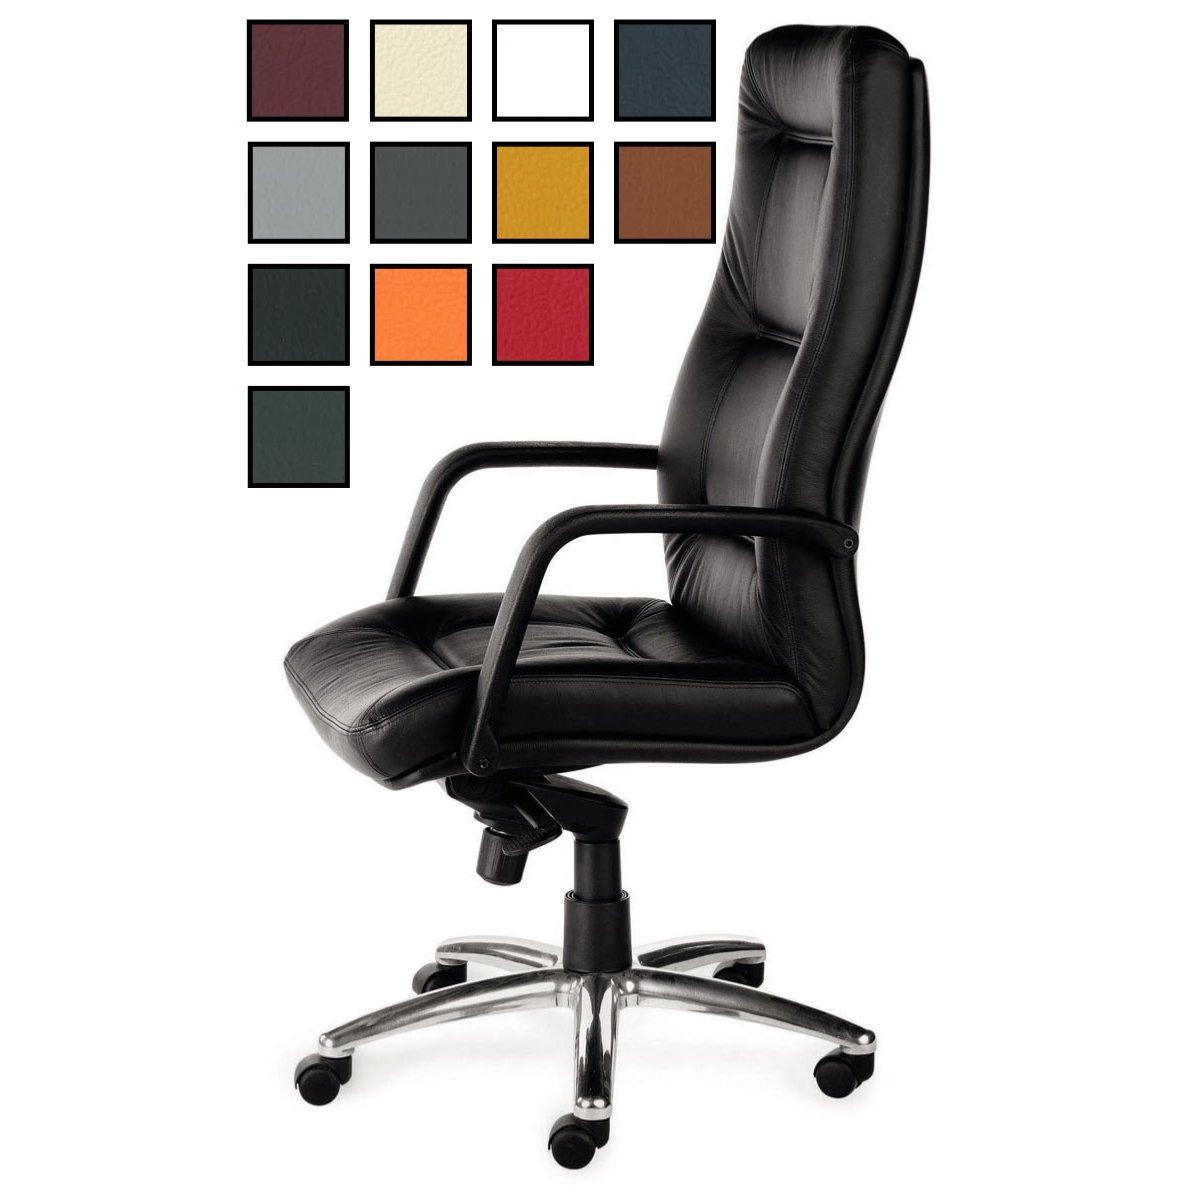 maclas fauteuil de bureau president en cuir avec accoudoirs